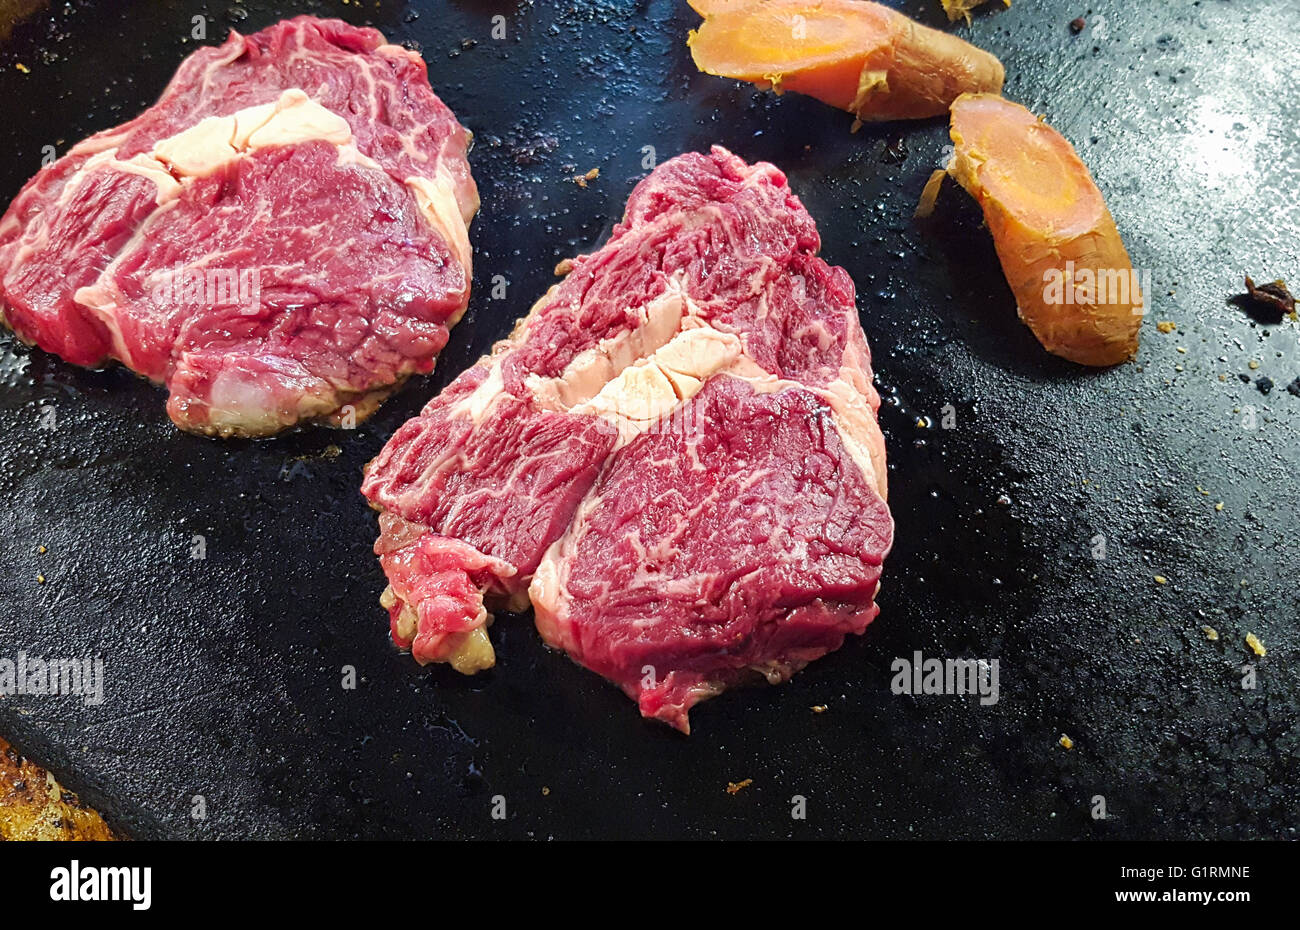 Raw Black Angus Entrecote Fleisch, auf einem Tisch Braten Braten Stockbild